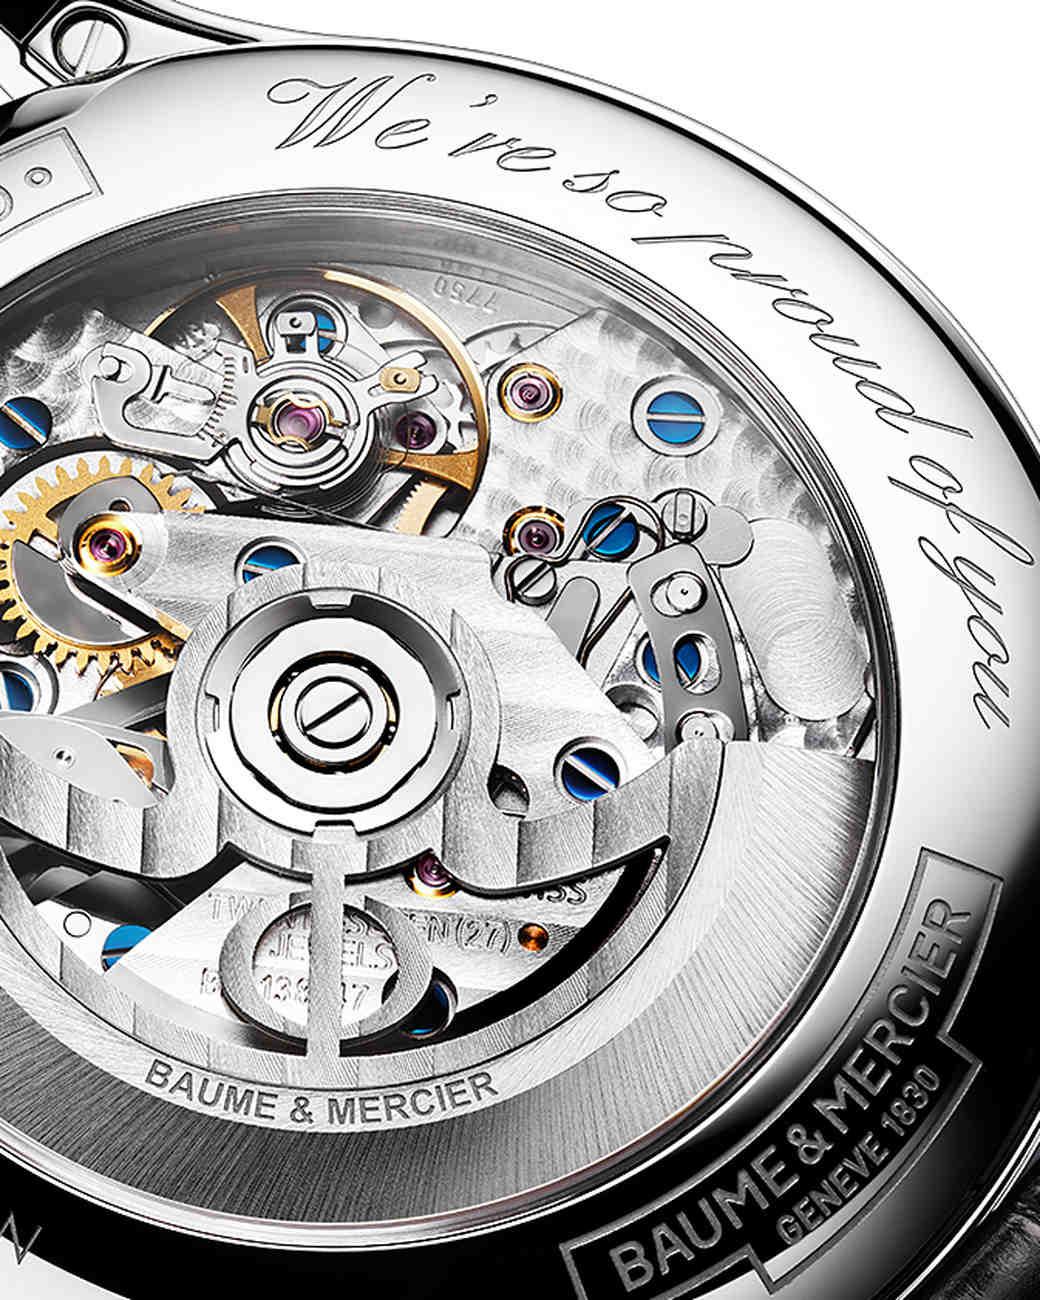 baume-mercier-watch-engraved-1-0514.jpg